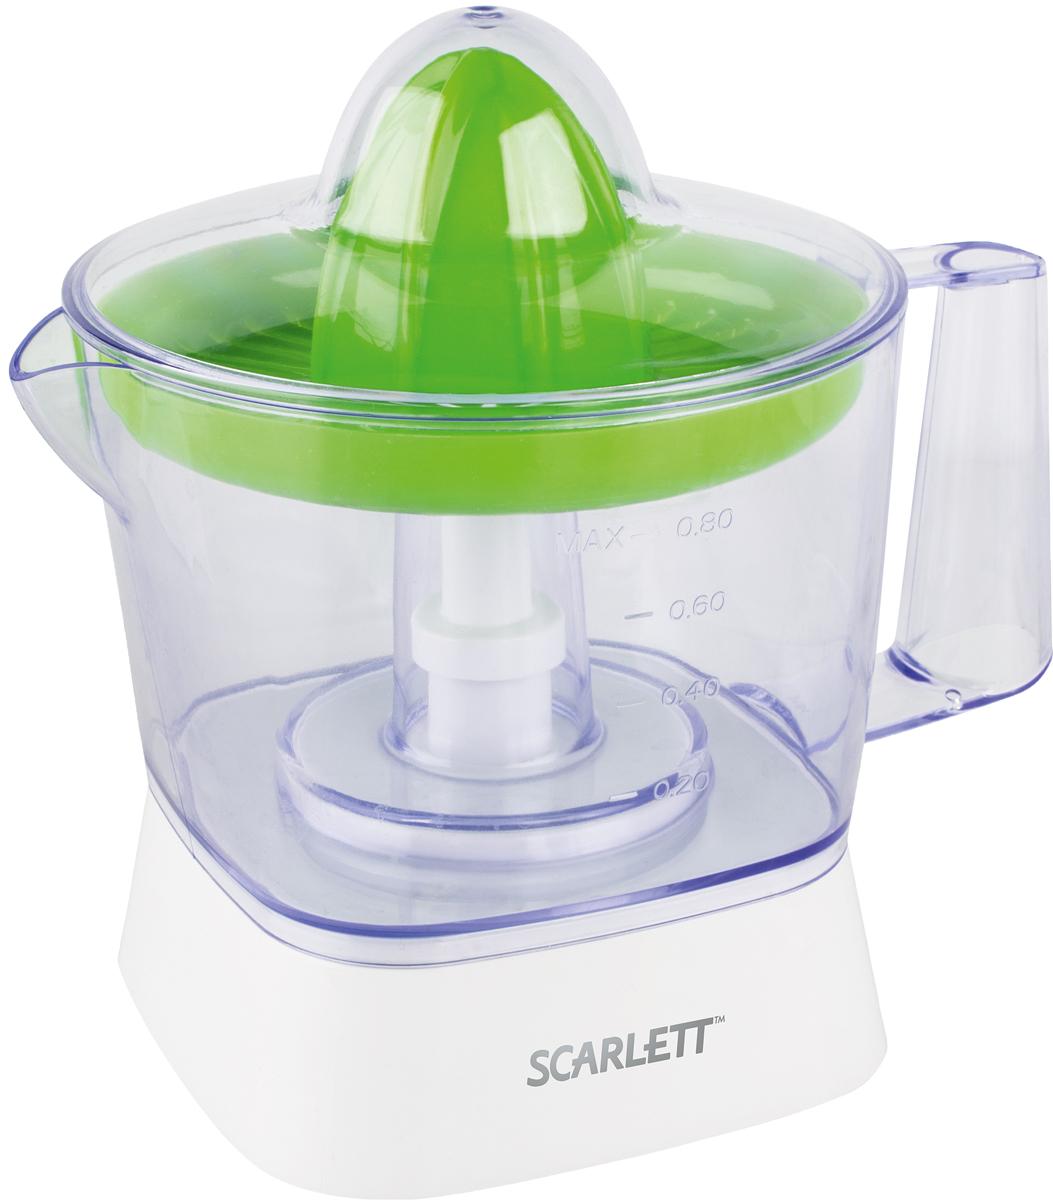 Scarlett SC-JE50C05, Green соковыжималкаSC-JE50C05Компактная соковыжималка Scarlett SC-JE50C05 не займёт много места на кухне. Её можно установить в любом удобном месте. Объём резервуара для сока составляет 800 мл. Резервуар съёмный, оснащён ручкой и носиком, поэтому его можно использовать для подачи сока на стол, наливания его в стаканы, а также для хранения. На стенки нанесена градуировка, помогающая понять, сколько сока находится в ёмкости. Соковыжималка работает в импульсном режиме, это обеспечивает особенную эффективность, позволяет выжать из каждого плода максимум сока.